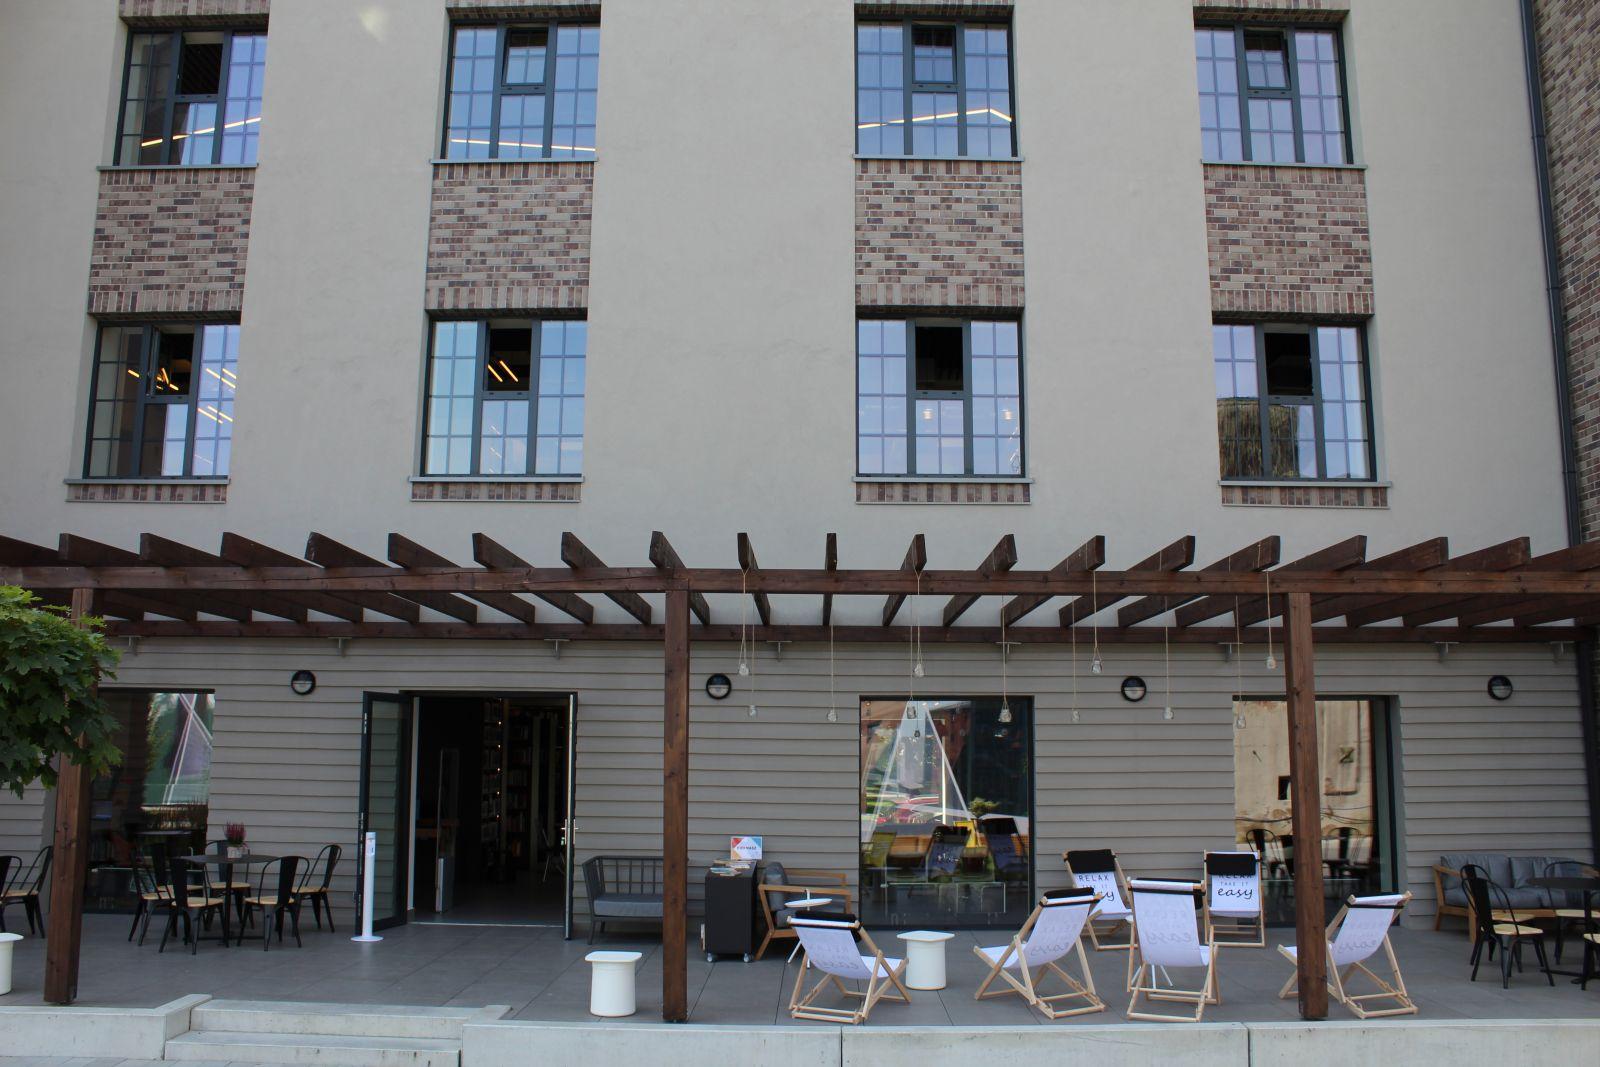 Fotografia tarasu przed biblioteką. Widoczna trawa, duże okna i drewniana pergola.